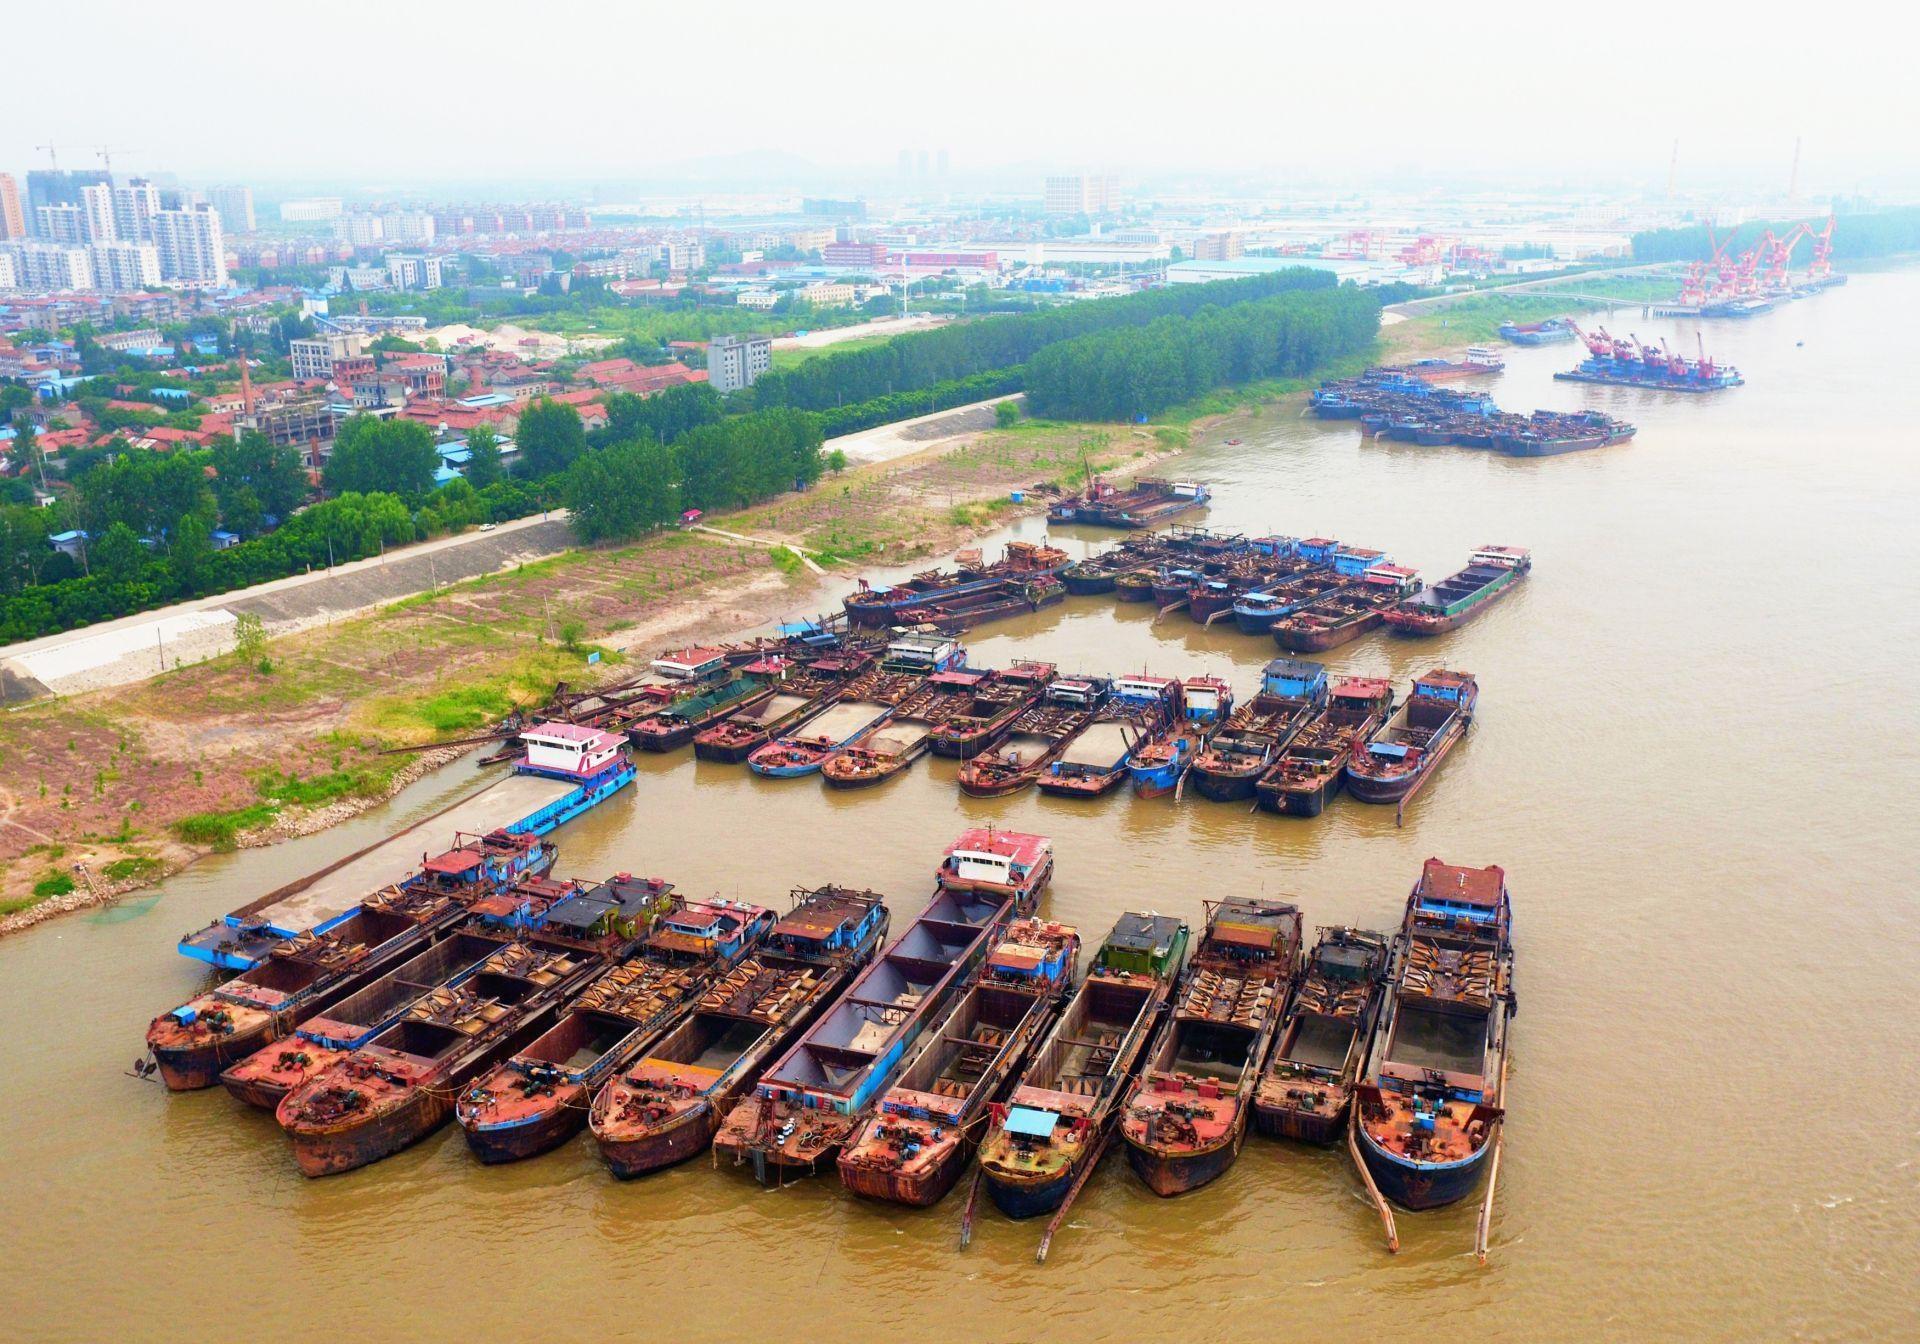 水利部 公安部 交通运输部启动长江河道采砂综合整治行动